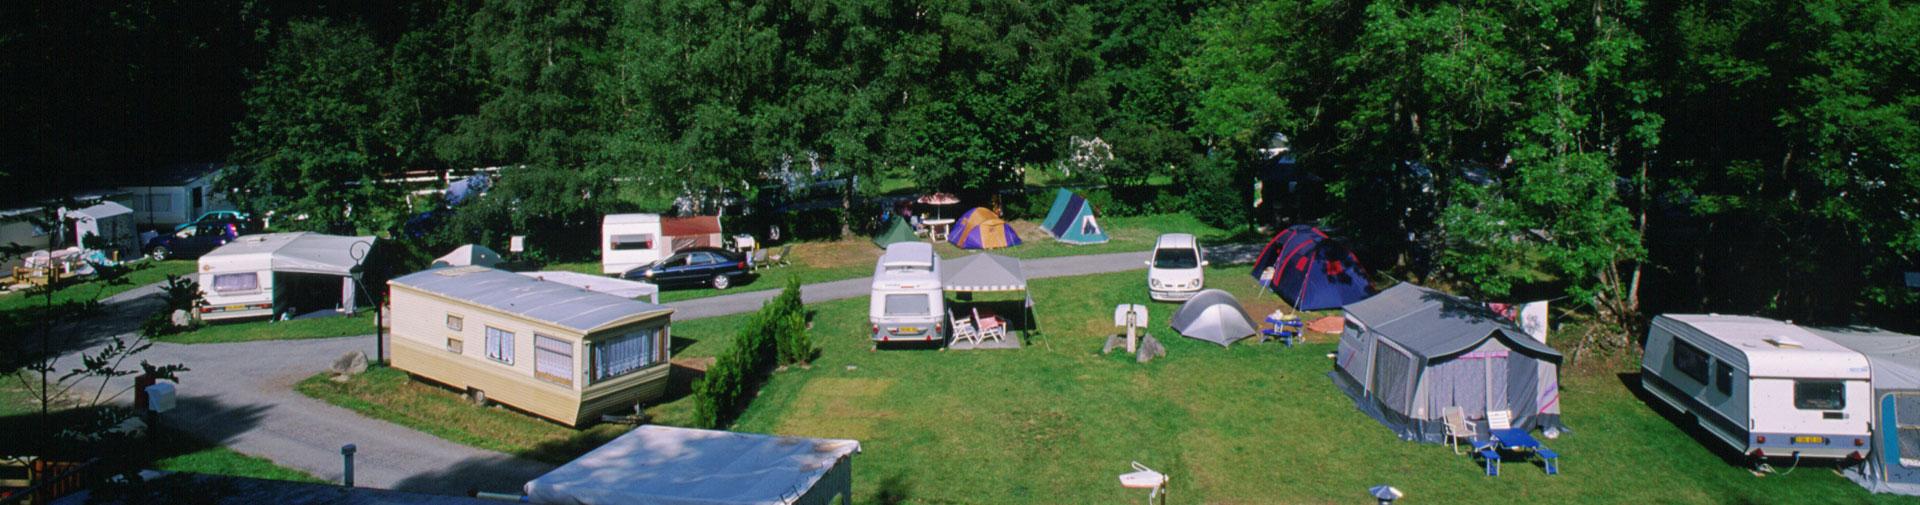 caravane camping oree des monts hautes pyrenees